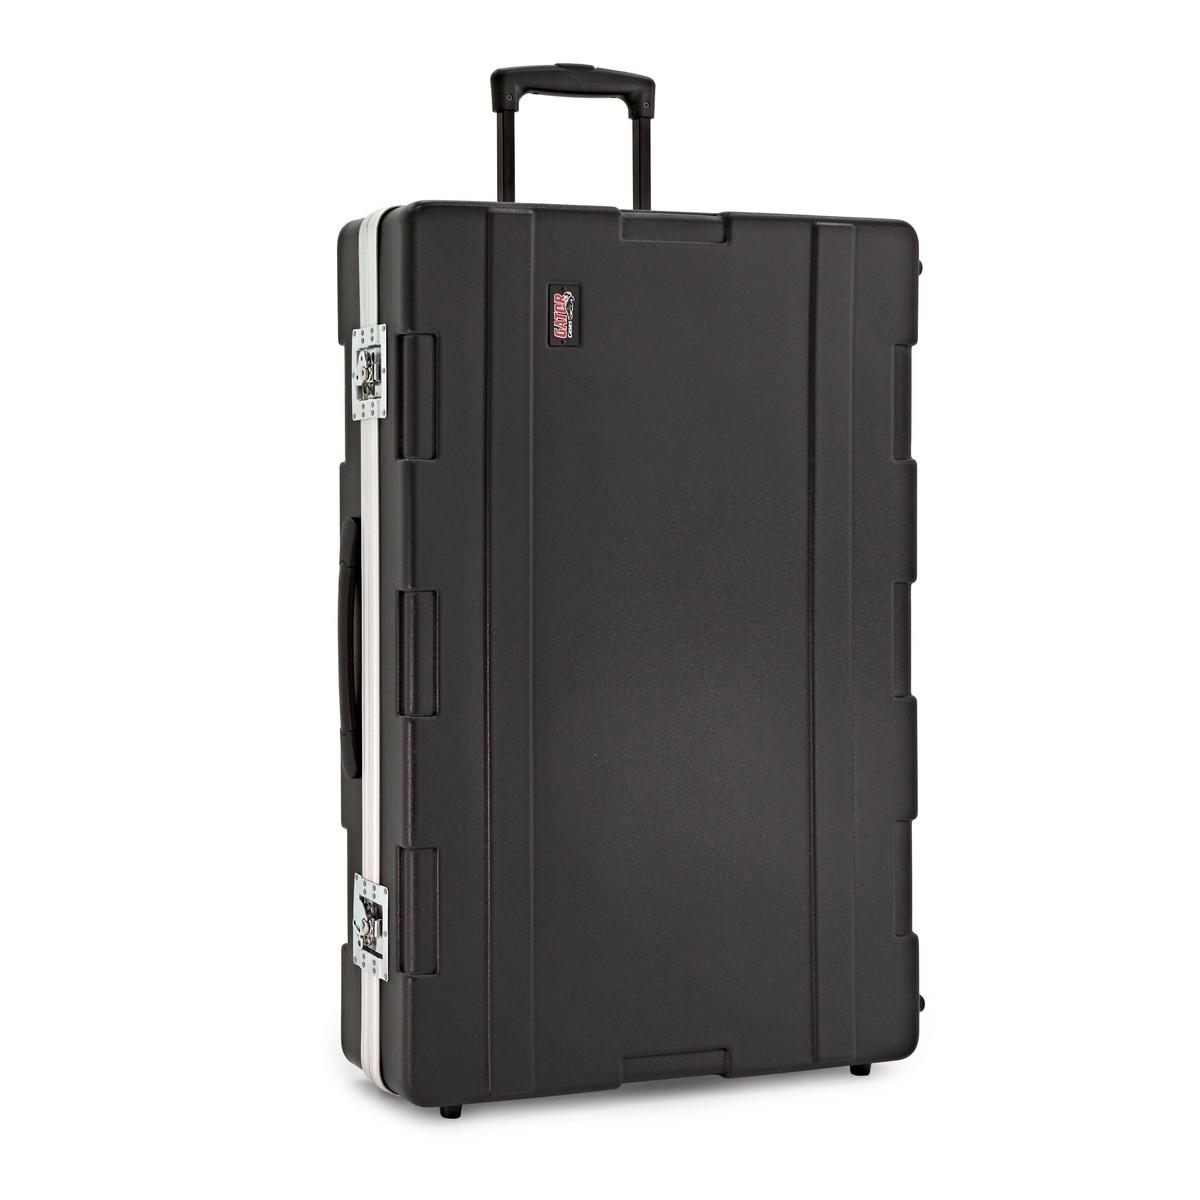 Gator-Cases-G-MIX-24X36-astuccio-per-mixer-sku-2757727427007